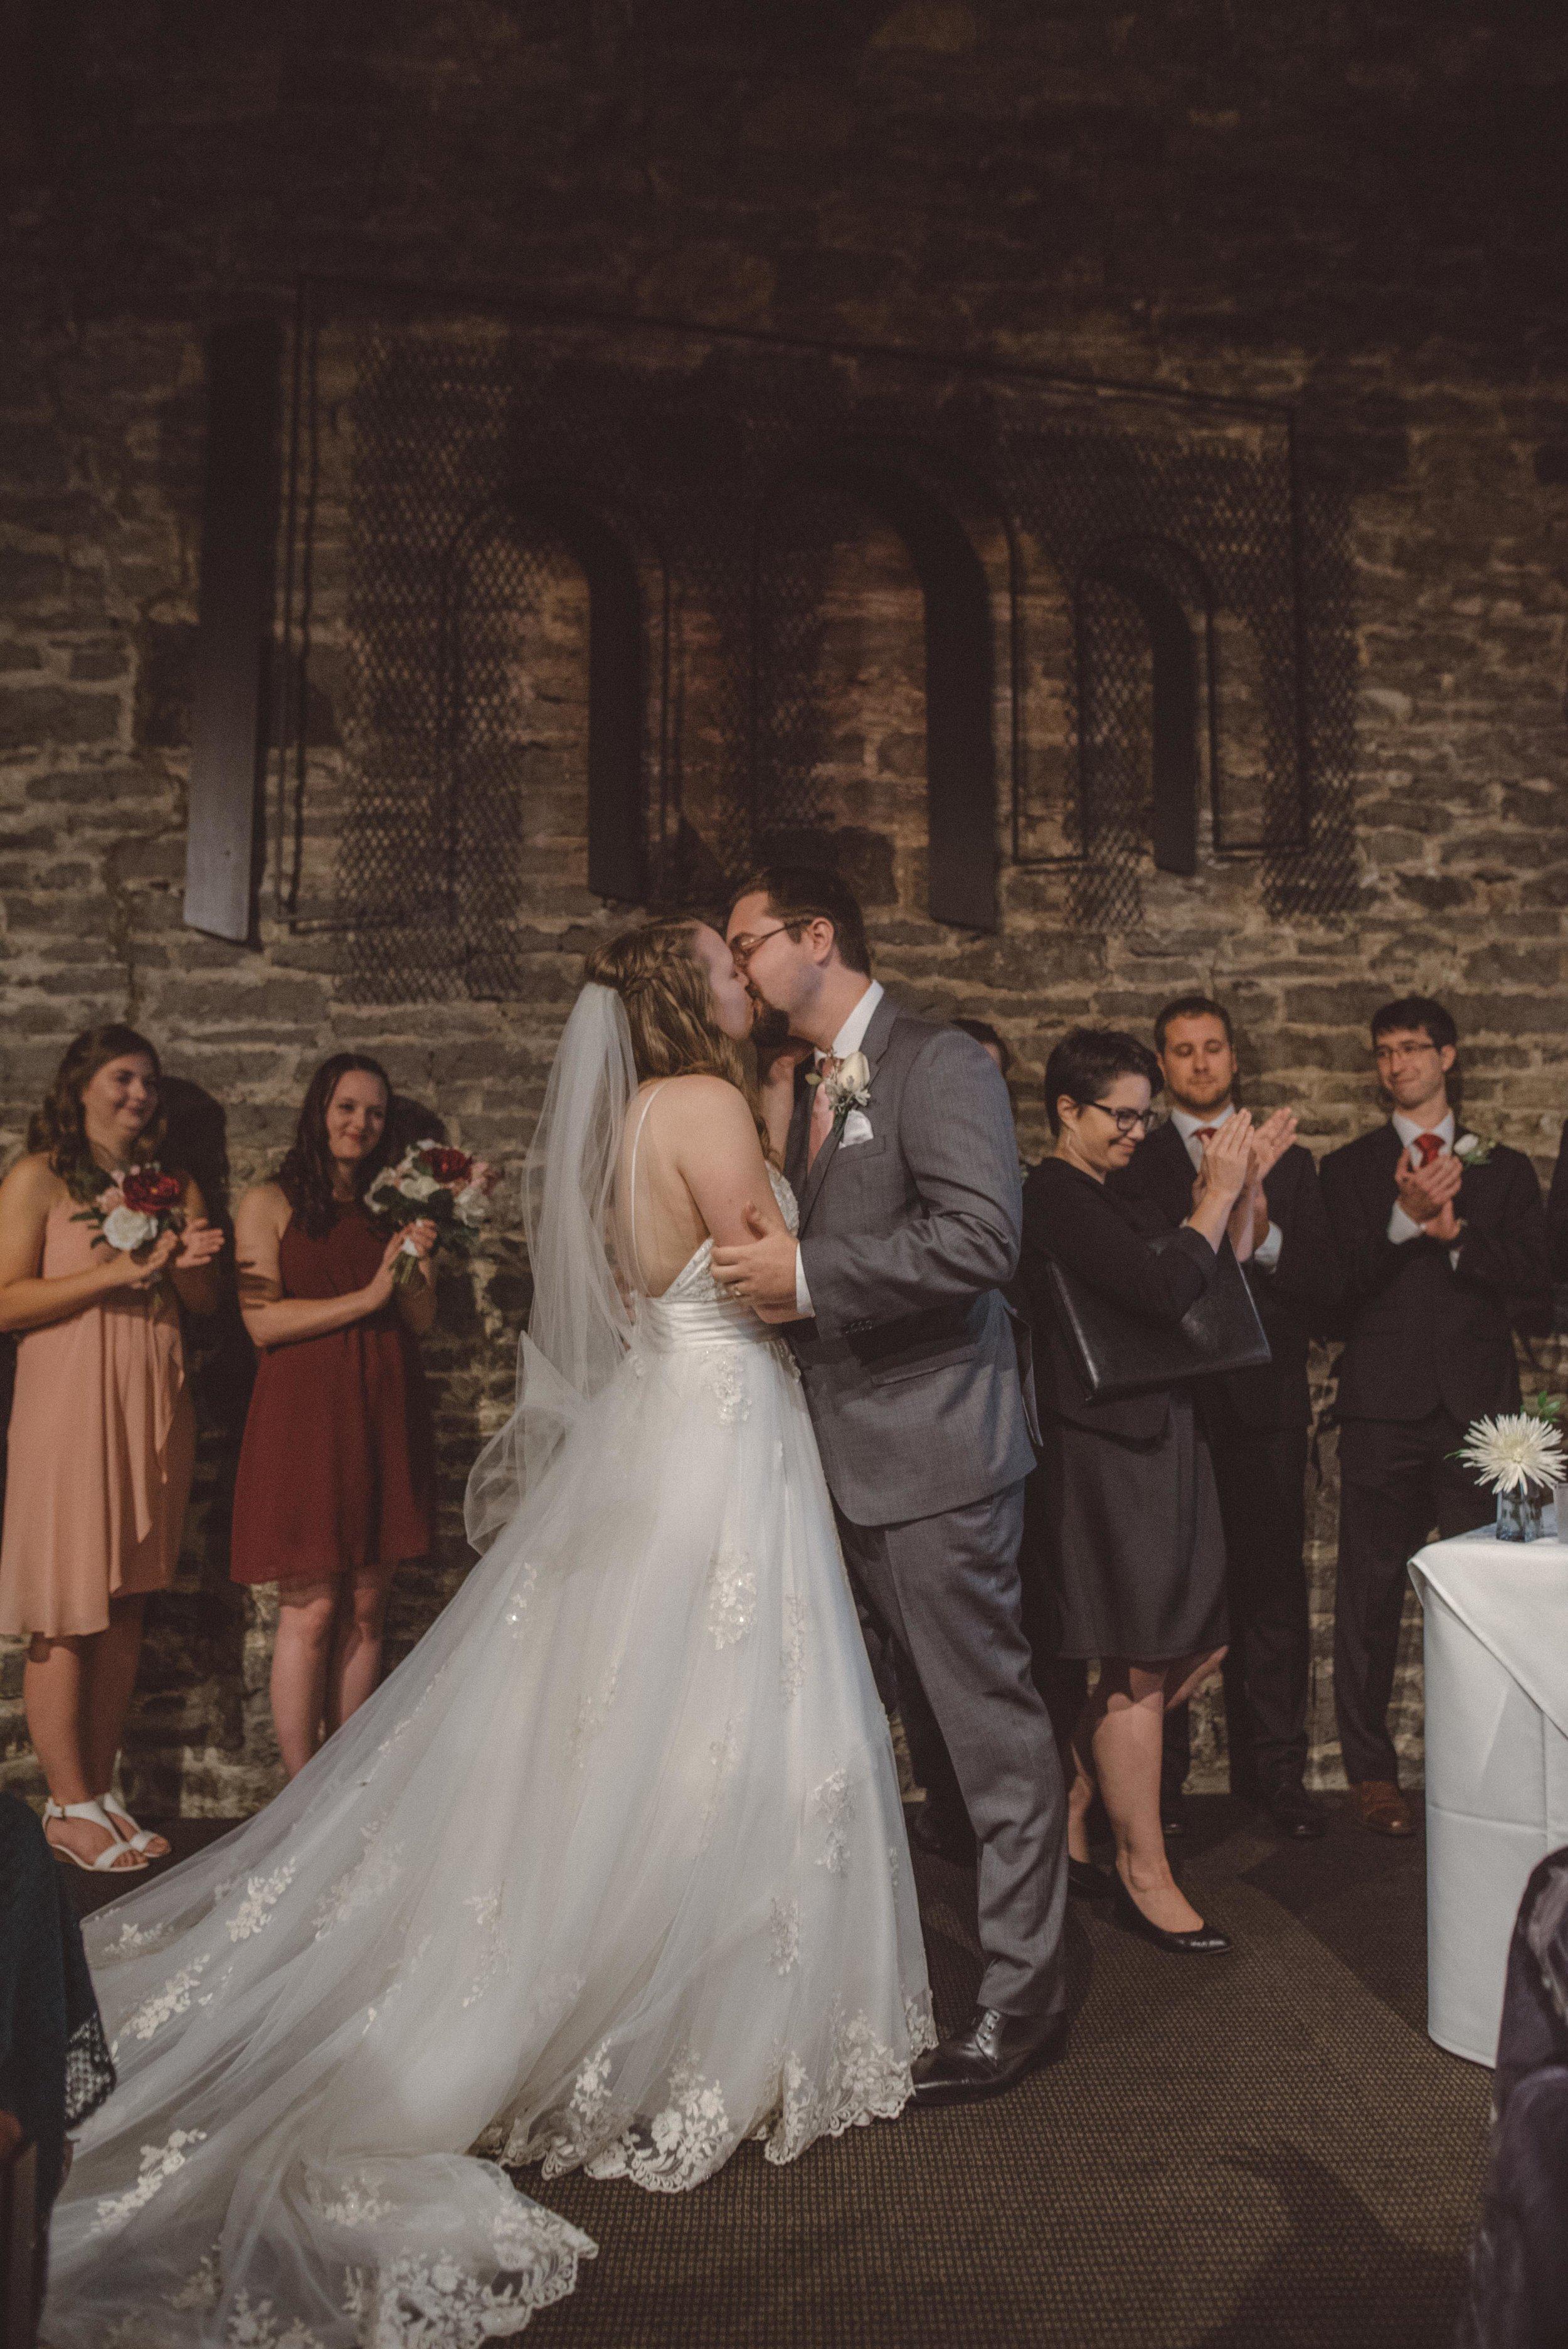 wedding_photographer_lifestyle_documentary_photographe_ottawa_gatineau-32.jpg